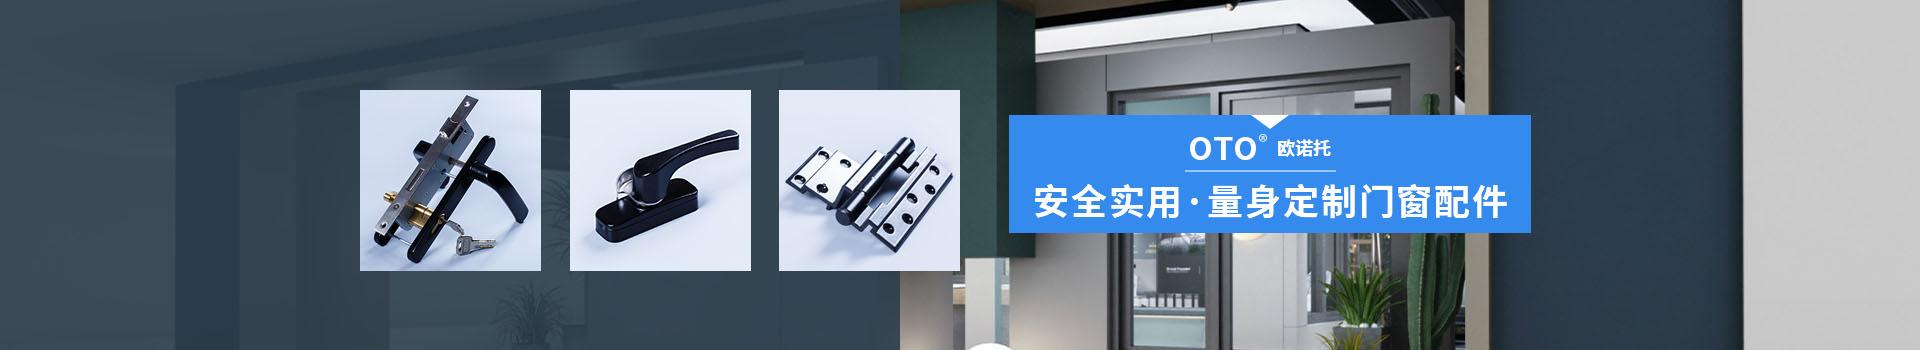 歐諾托產品,量身定制門窗配件解決方案